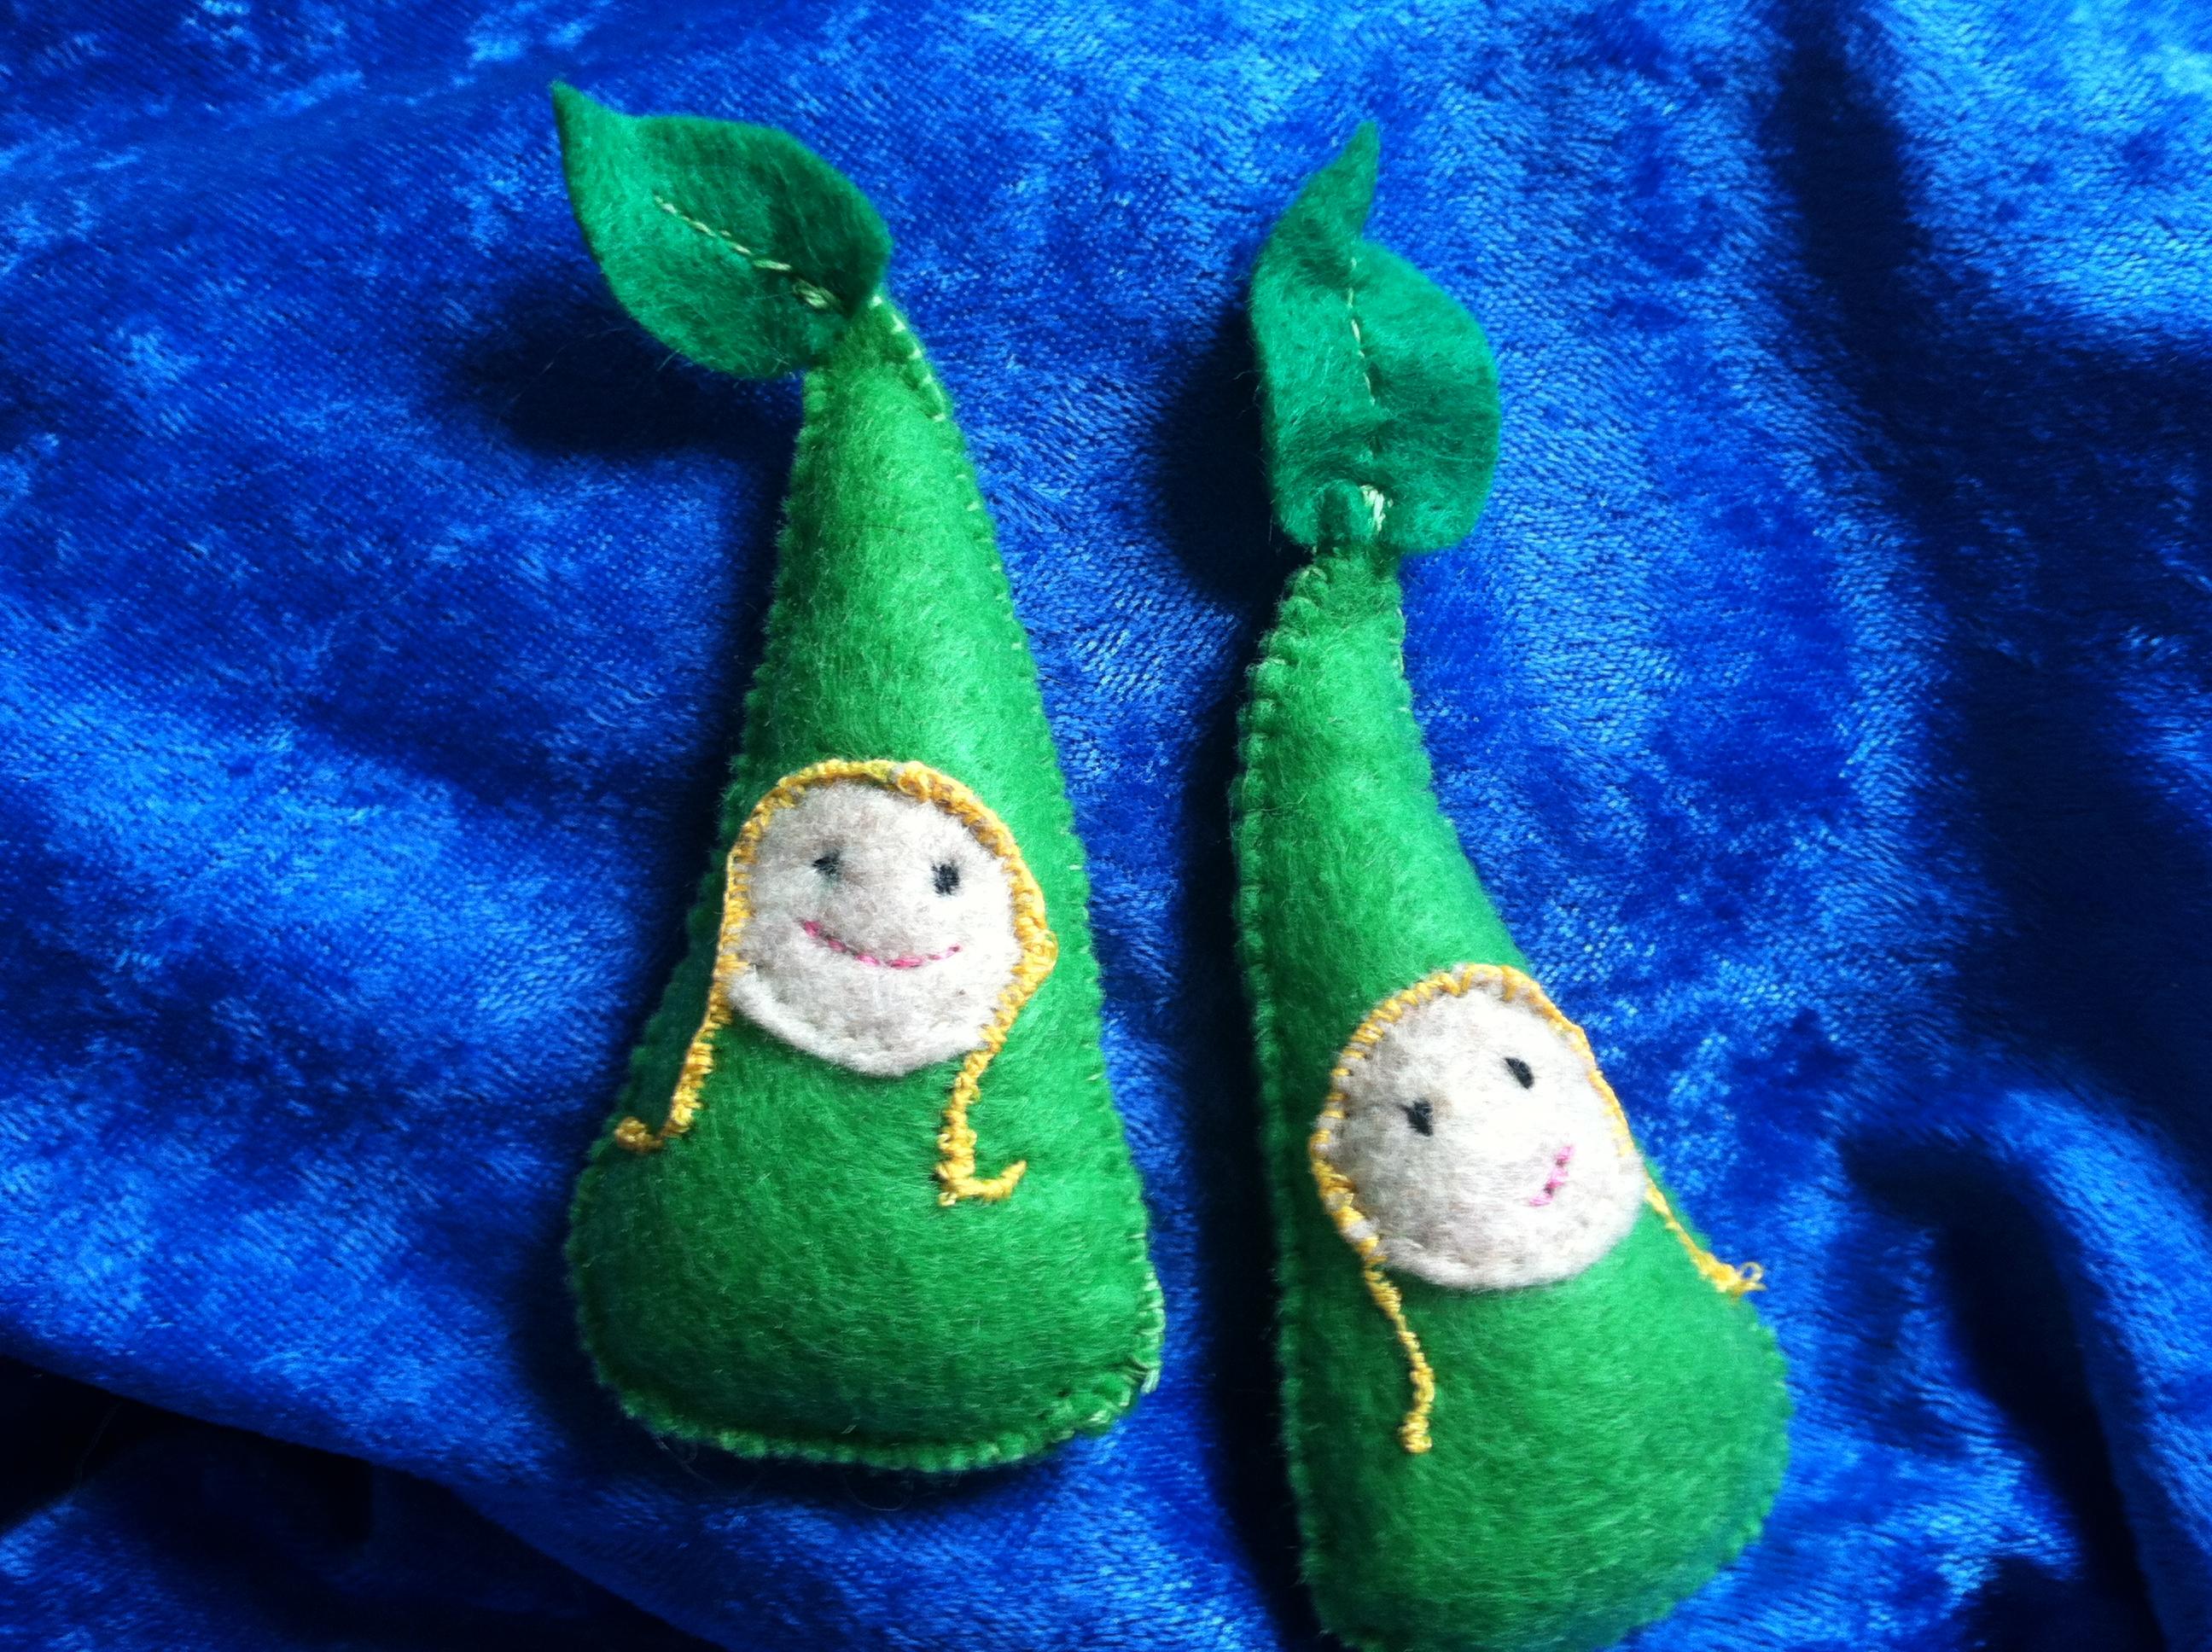 Happy Spring Equinox Pagan Spring equinox gnomes!